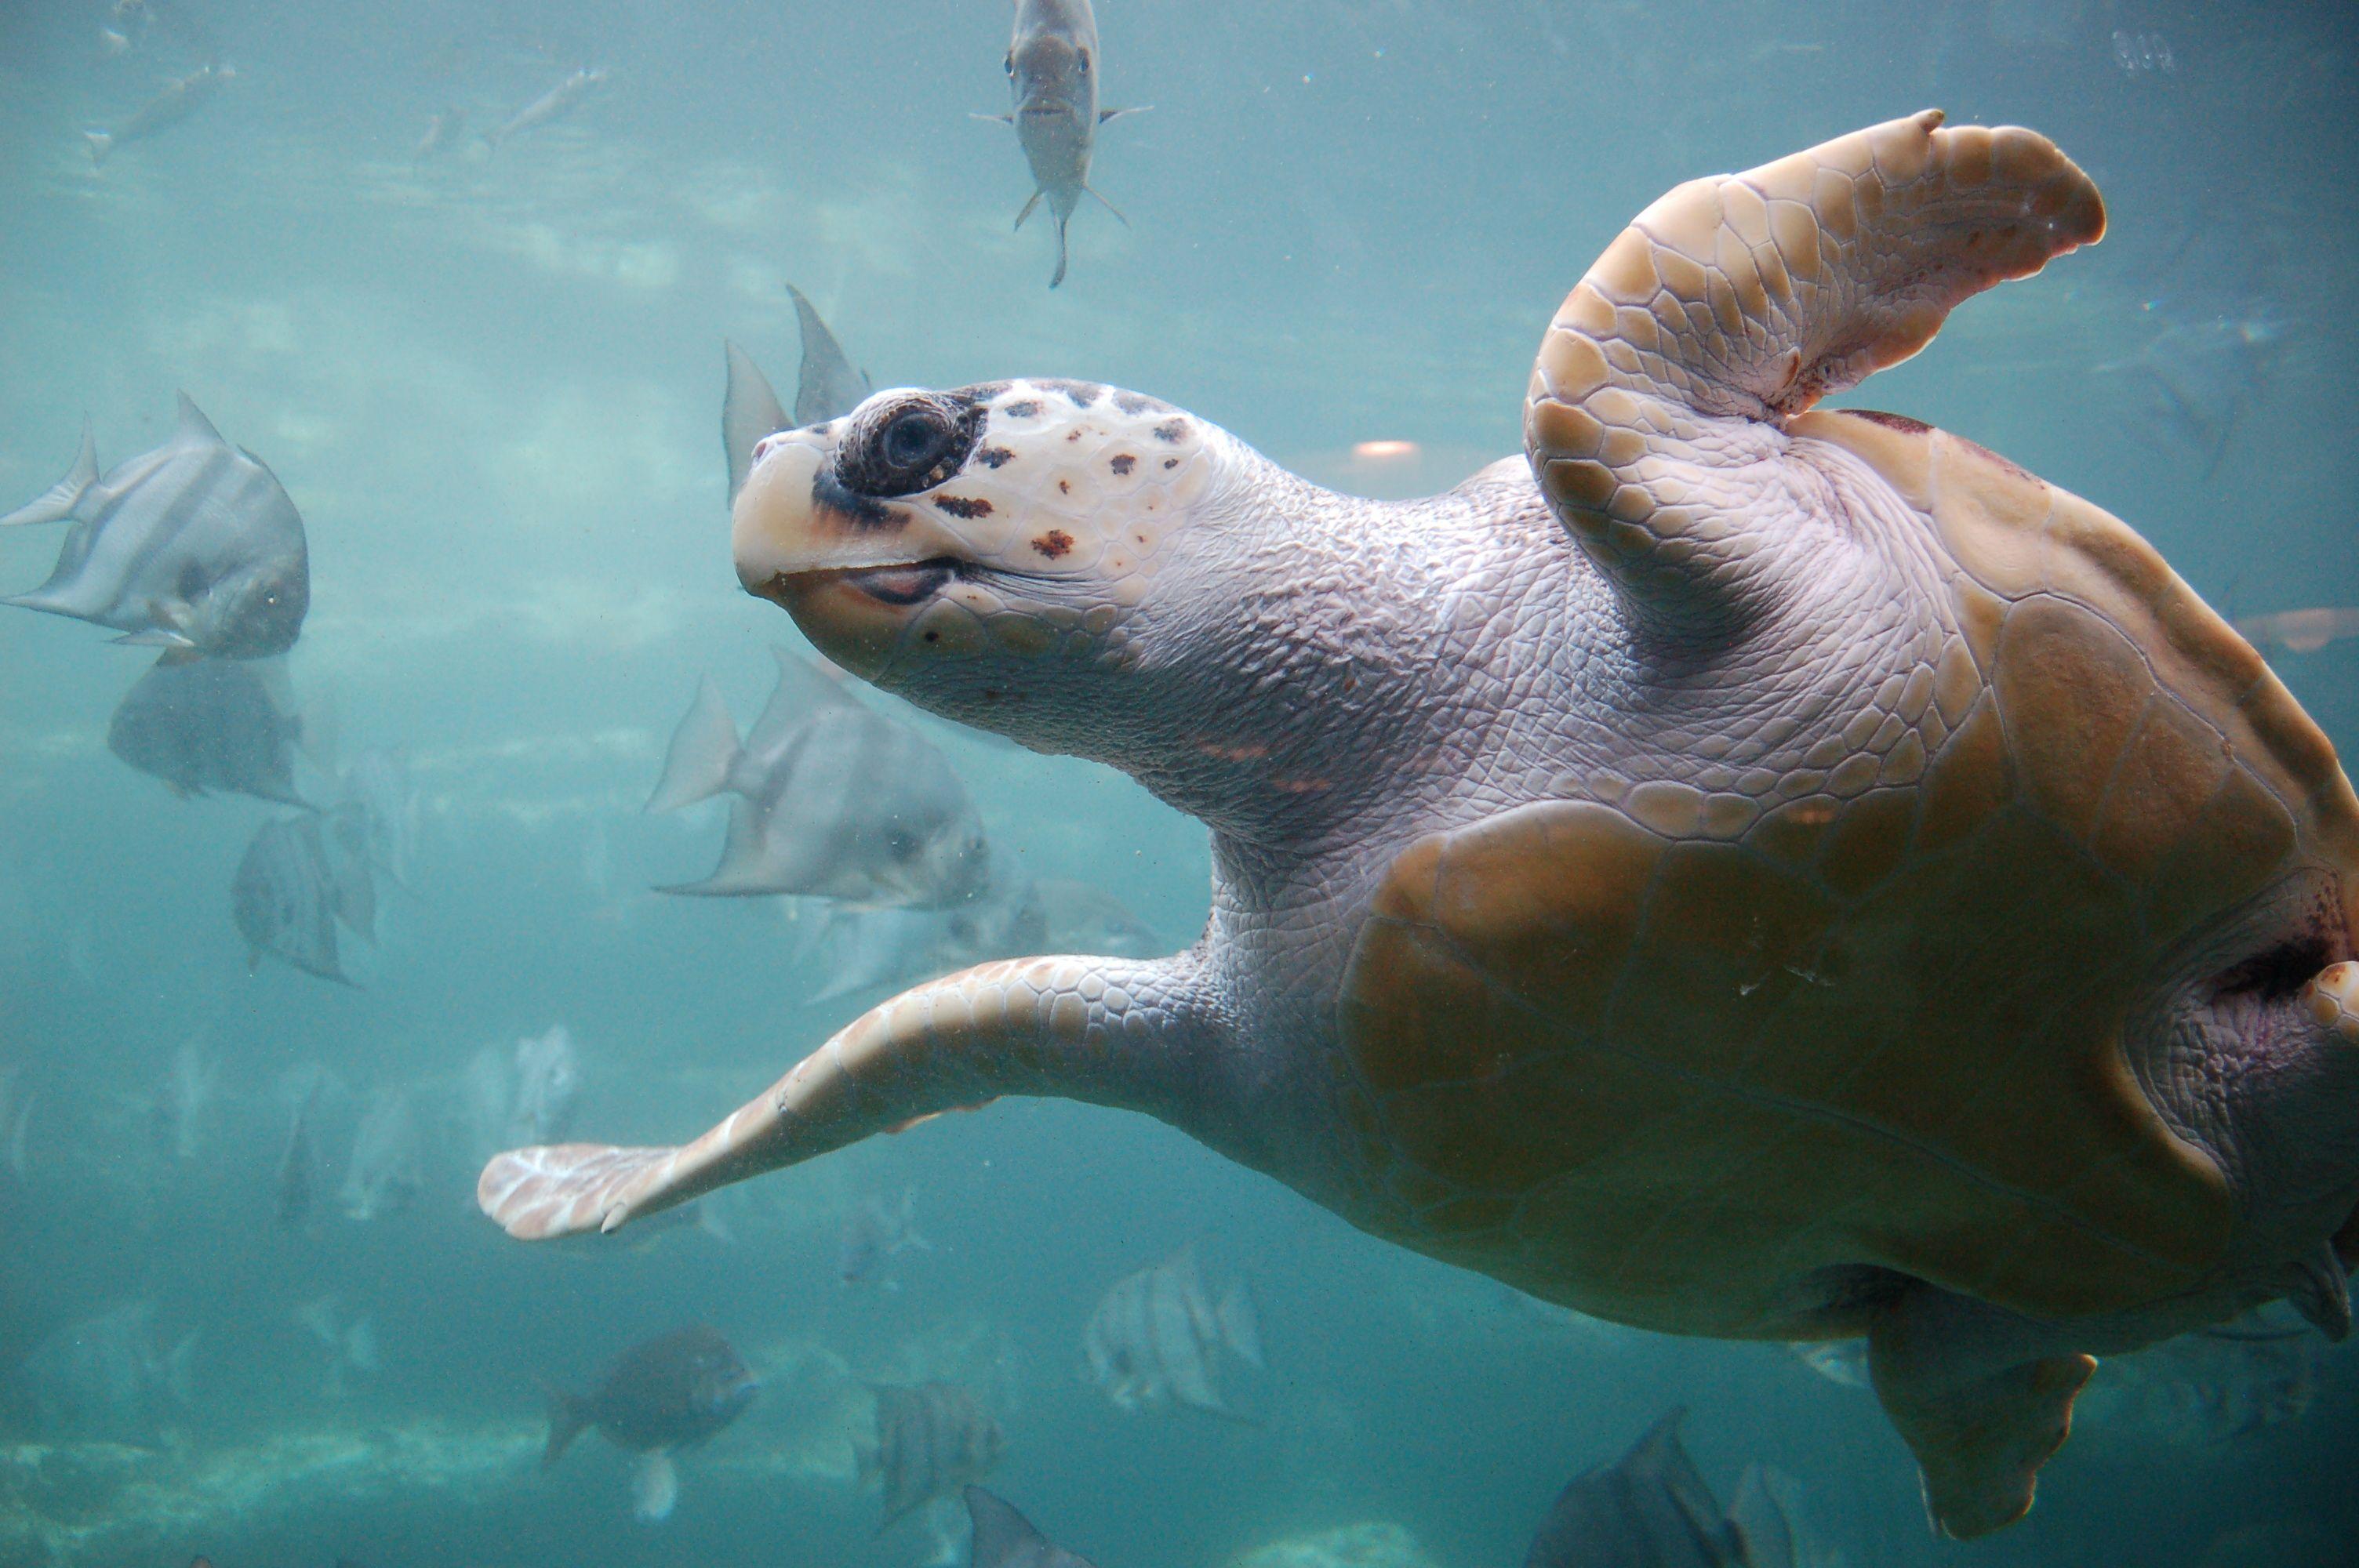 characteristics of aquatic life